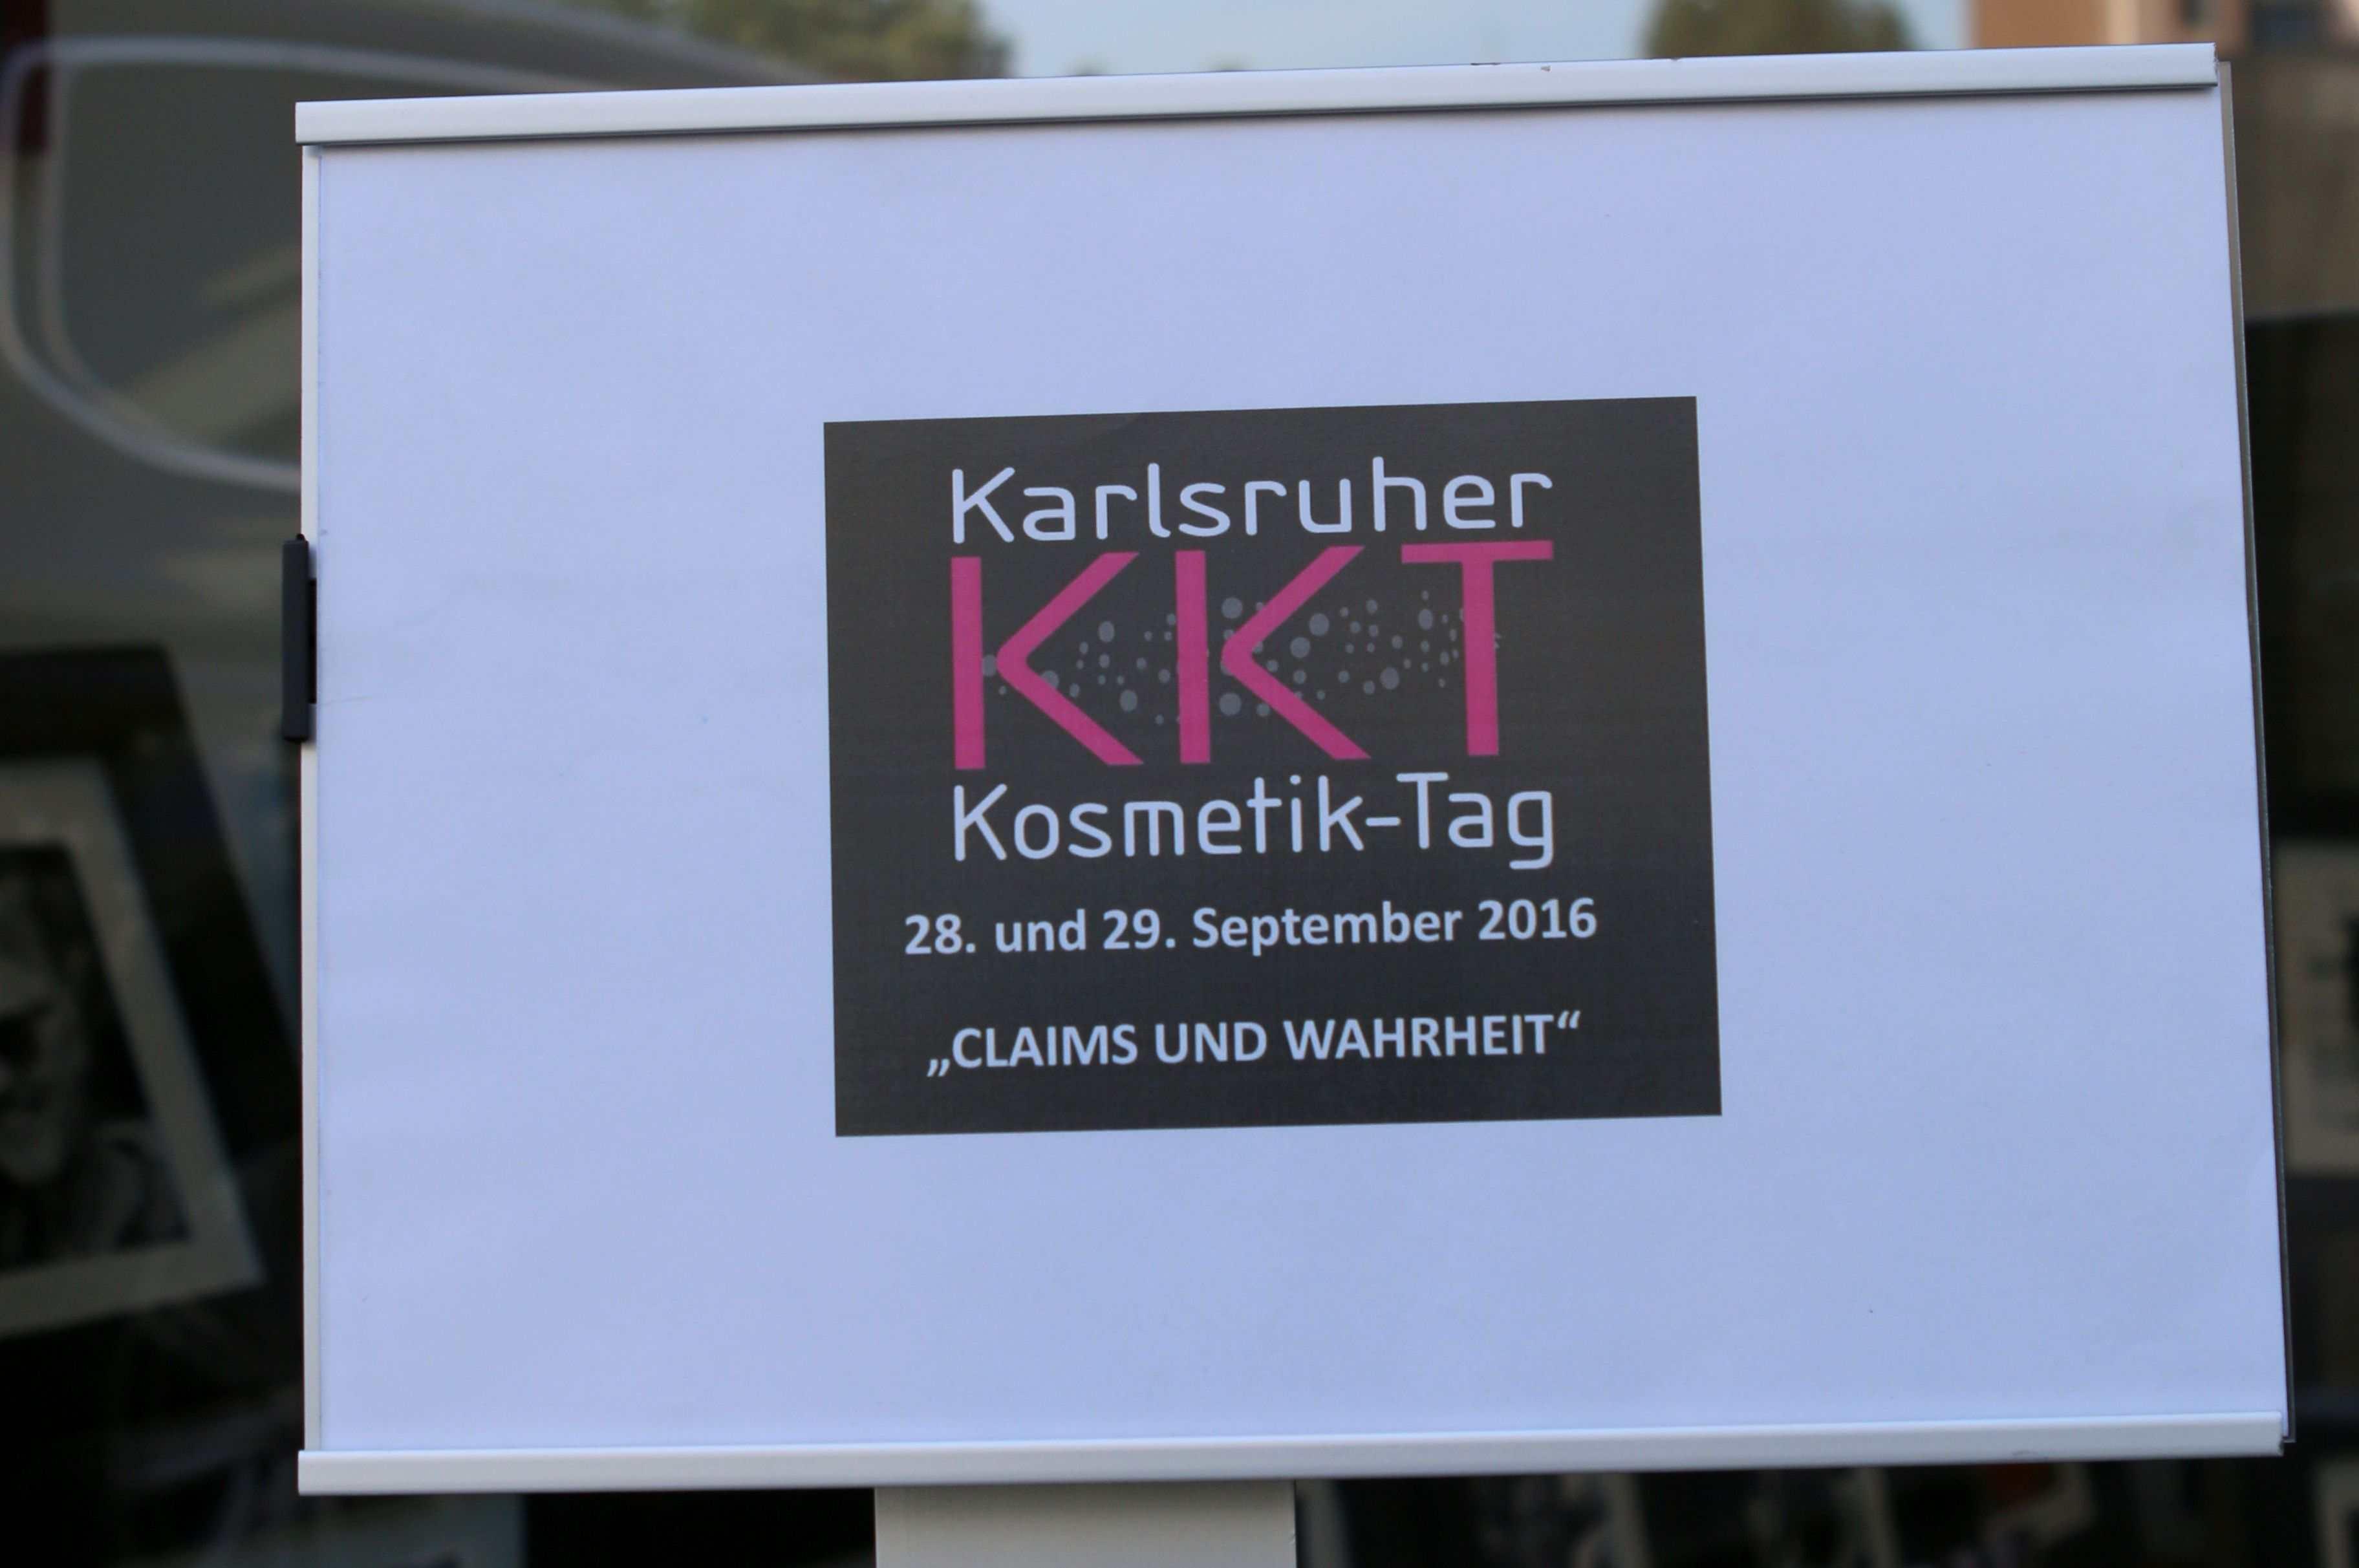 """Emblem des Karlsruher Kosmetik Tages 2016, """"Claims und Wahrheit""""."""